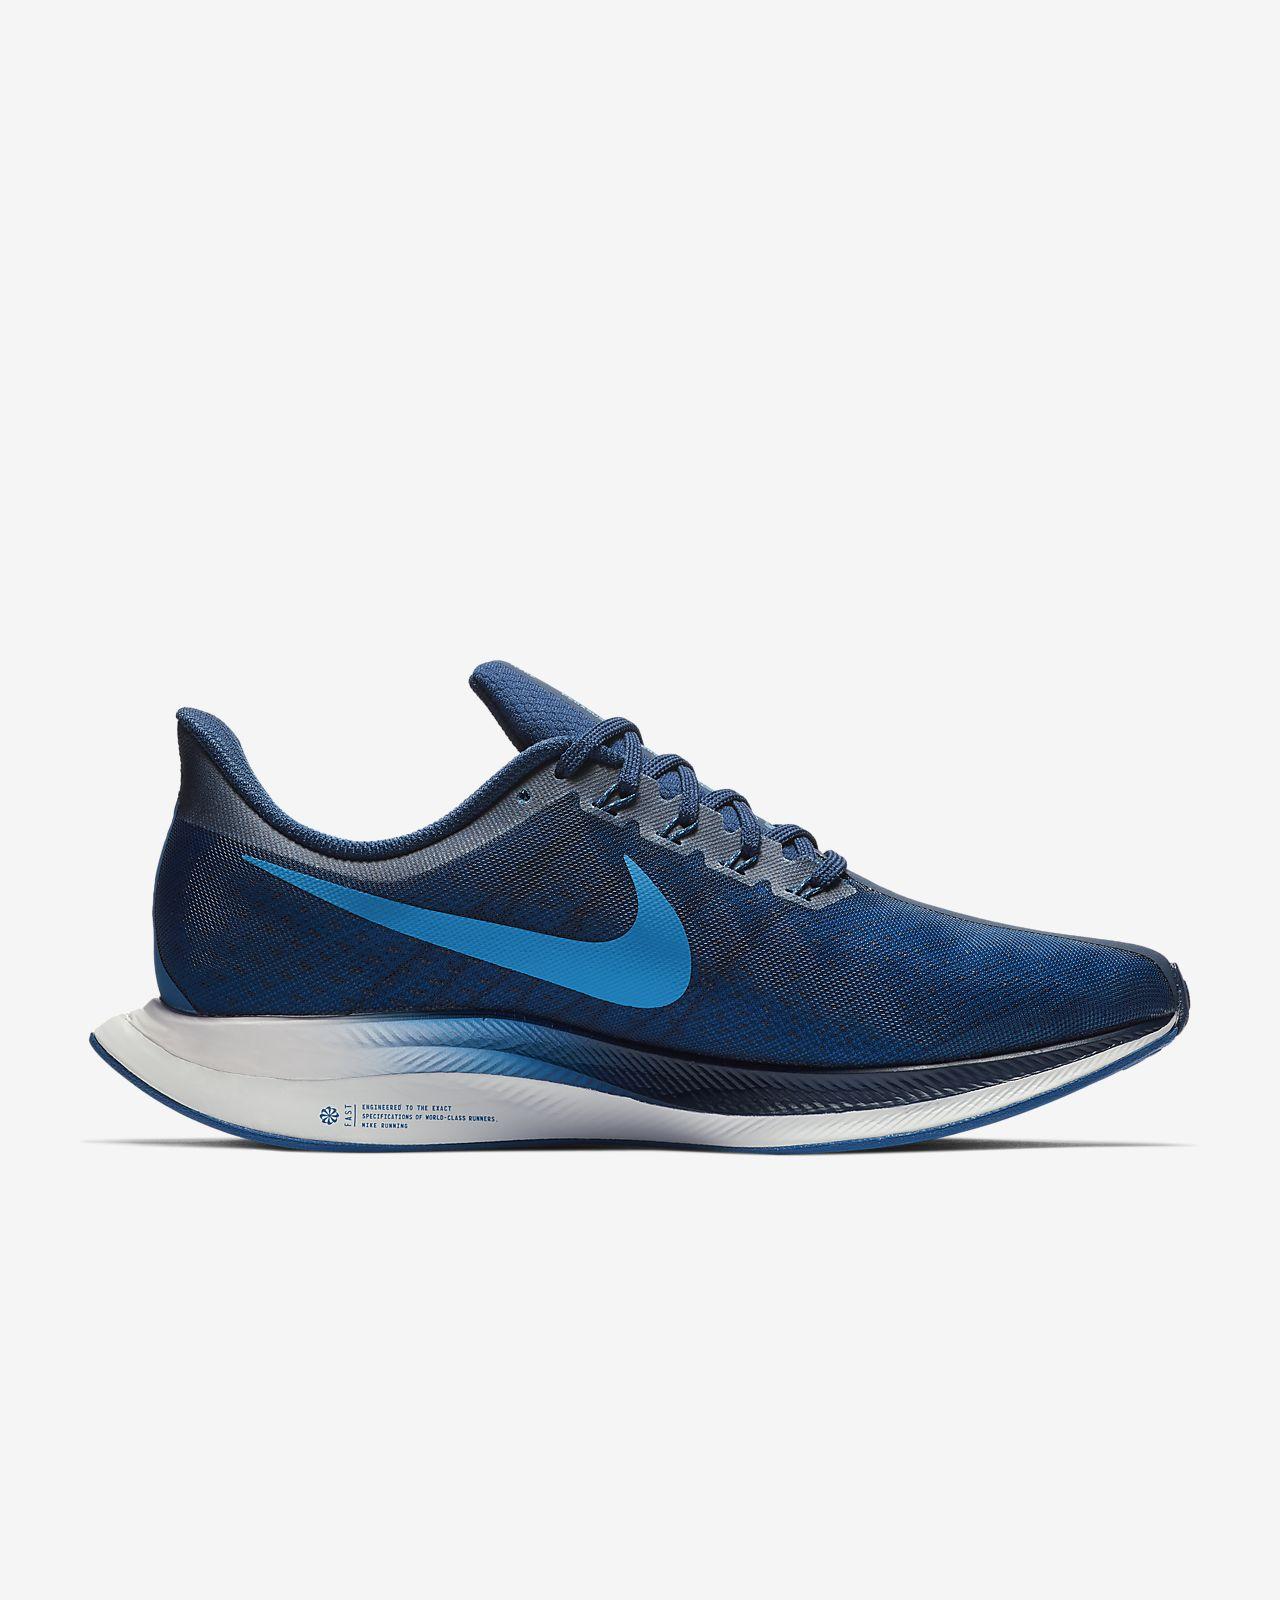 10148dfe76042 Nike Zoom Pegasus Turbo Zapatillas de running - Hombre. Nike.com ES